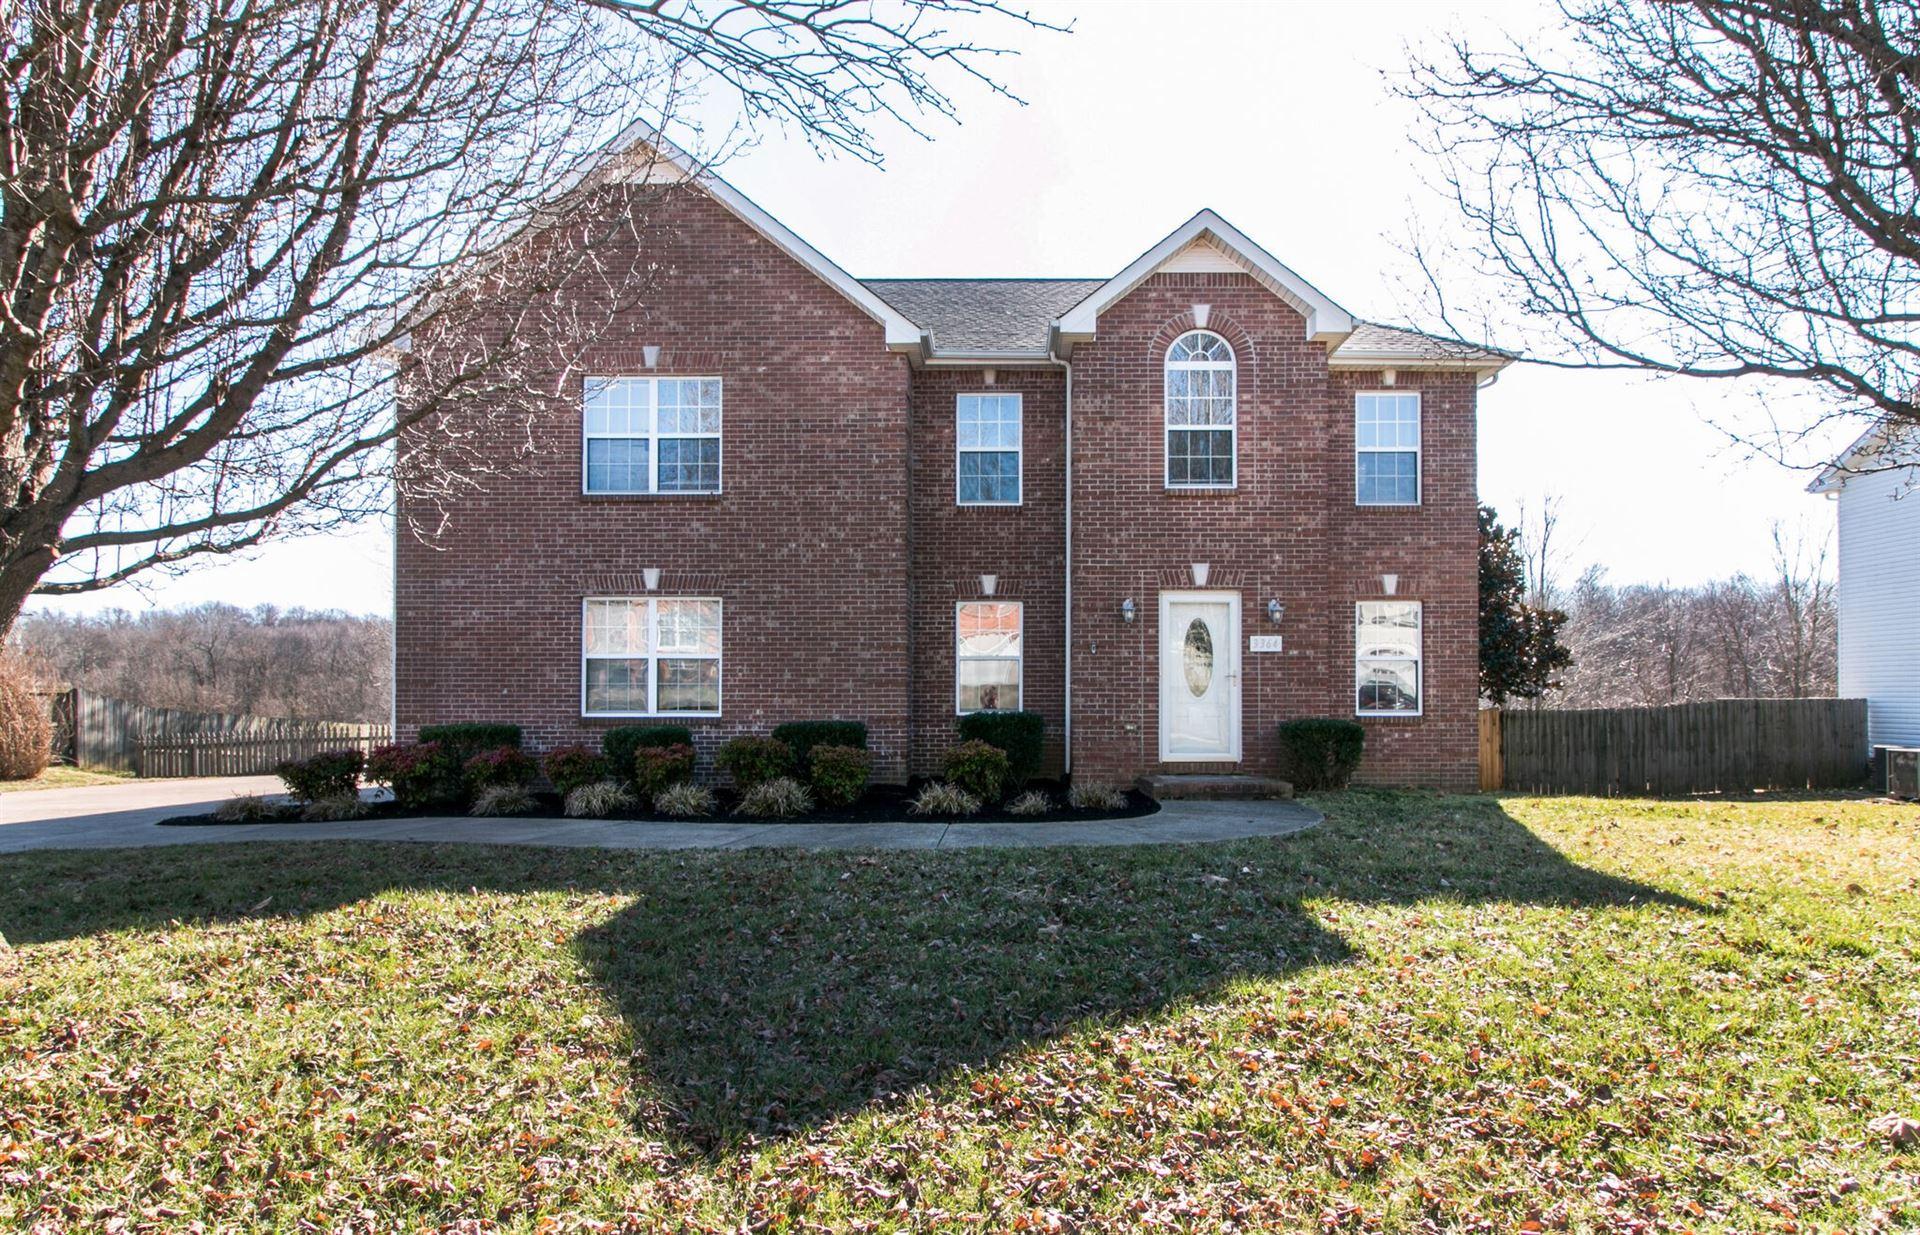 3364 Heatherwood Trce, Clarksville, TN 37040 - MLS#: 2235841